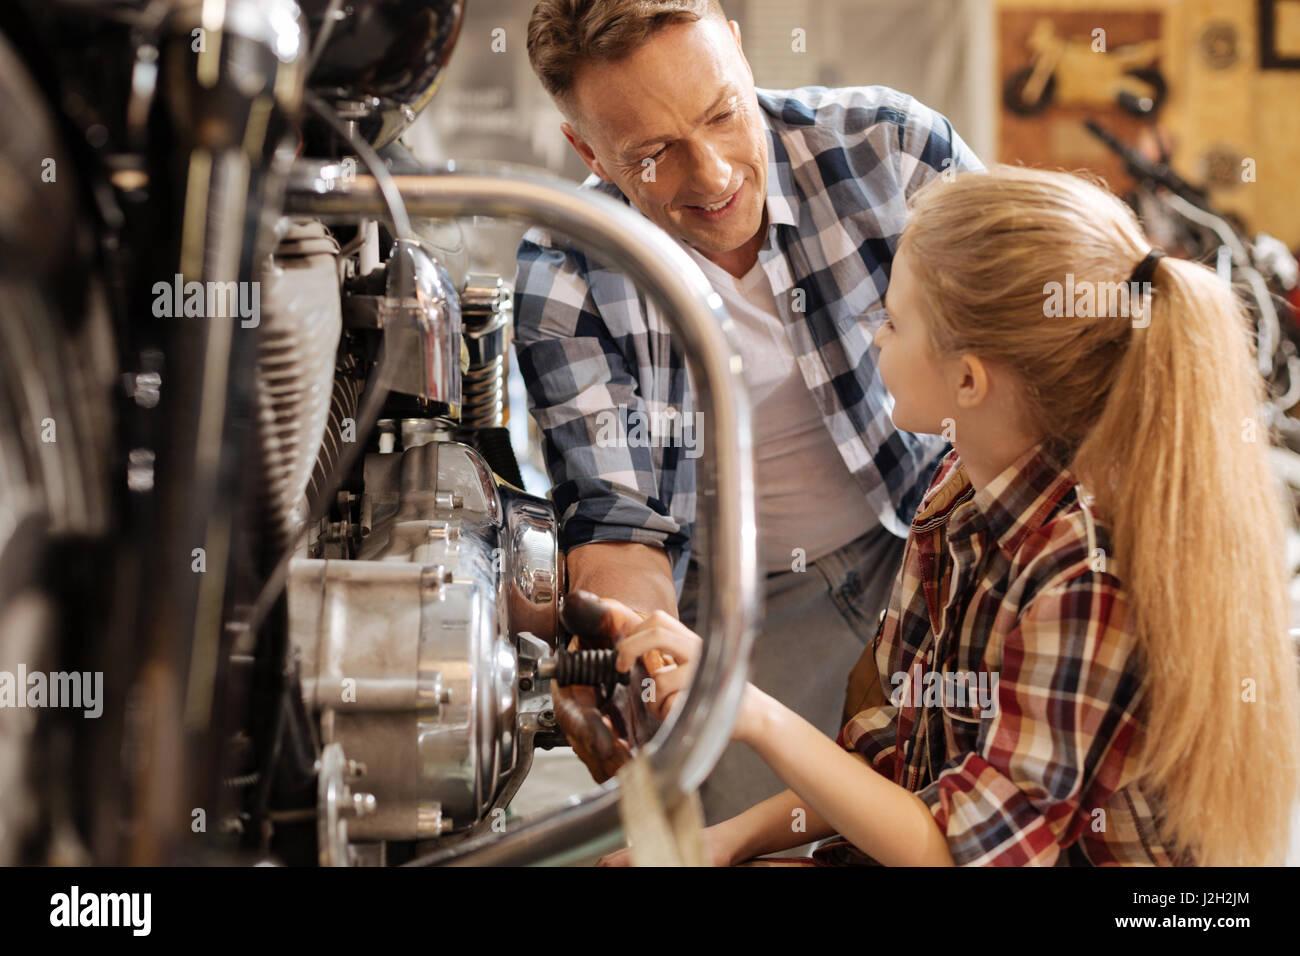 In grado meccanico figlia dicendo circa i meccanismi di moto Immagini Stock